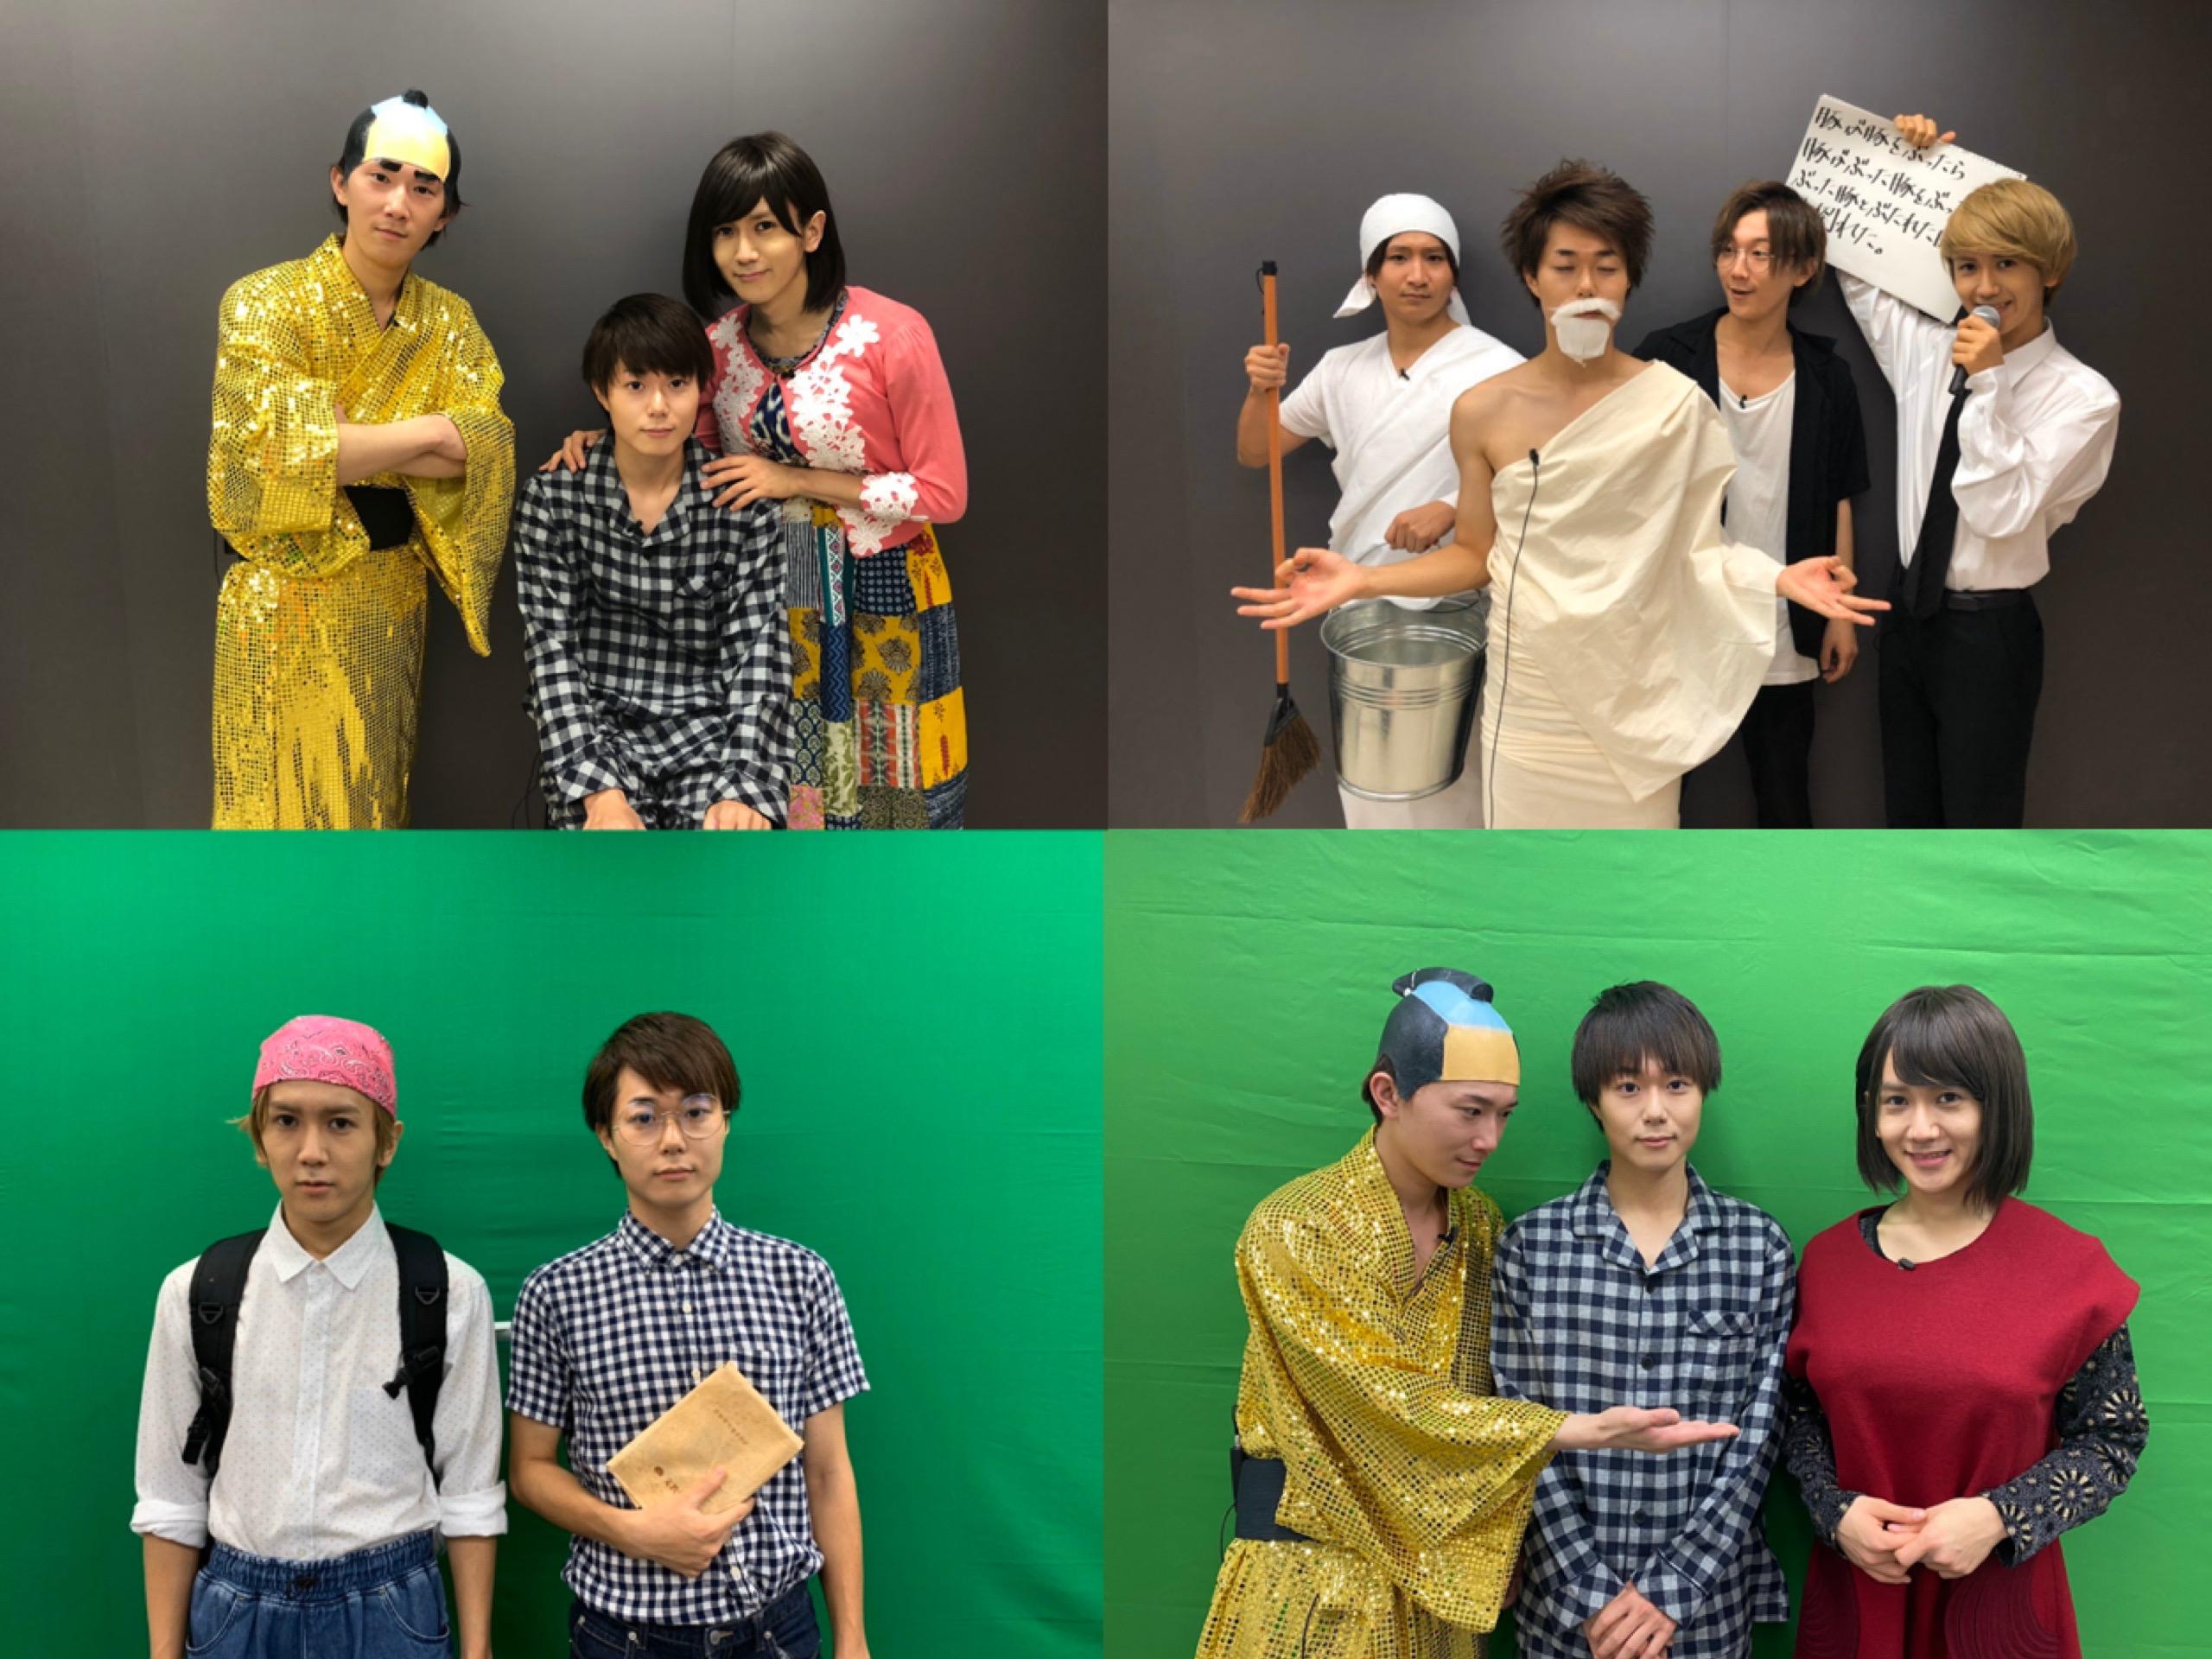 ★☆LINE LIVE「CUBERS のキュバっていこうぜ!!」で放送されたコントを一挙大公開★☆